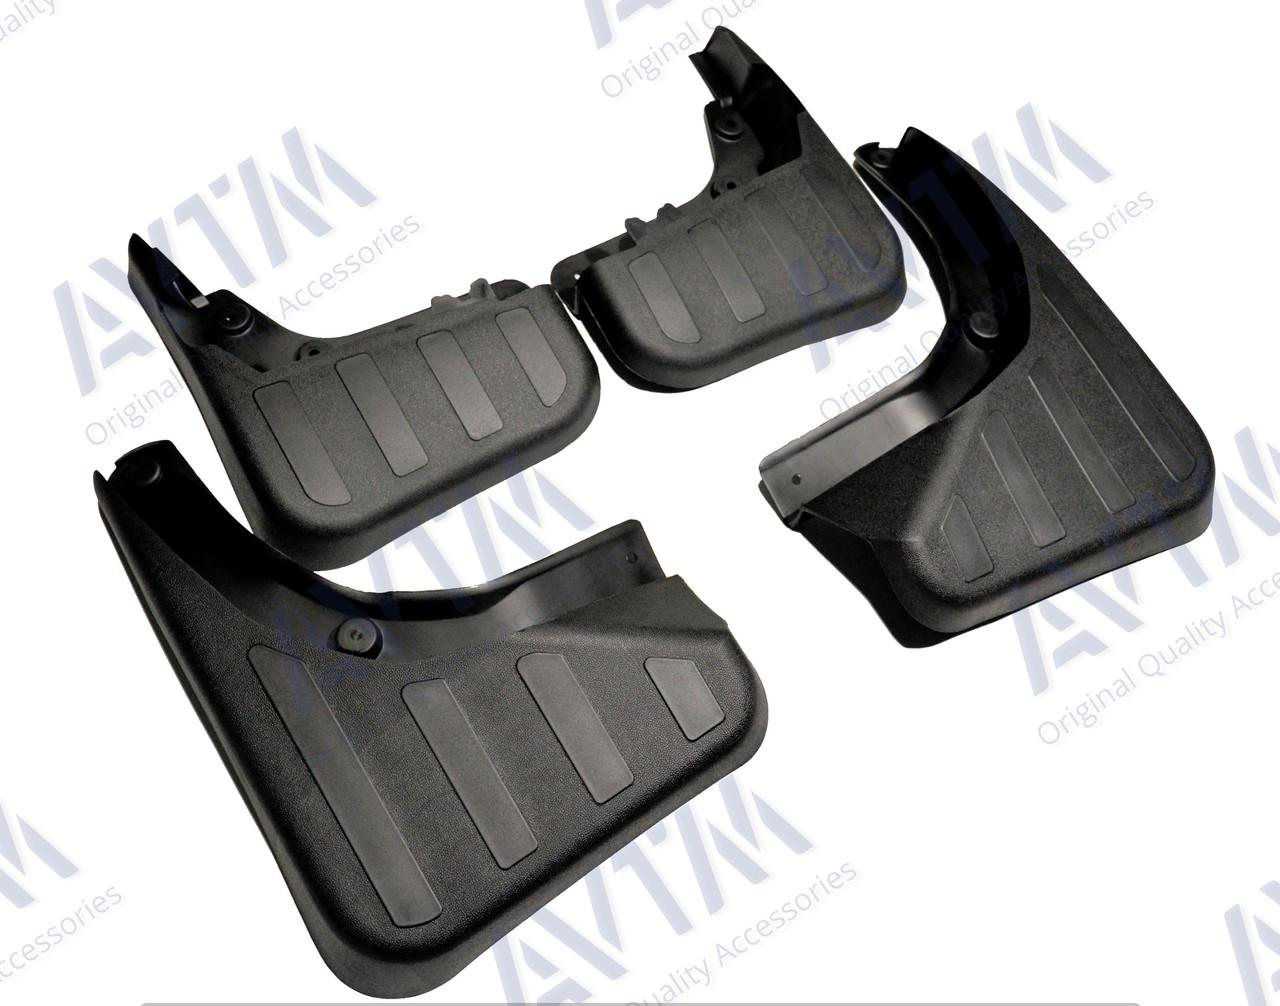 Брызговики AVTM полный комплект для Mercedes-Benz GLK300 (с порогами) 2008-2012 (кт 4-шт) MF.MRDGLK1015